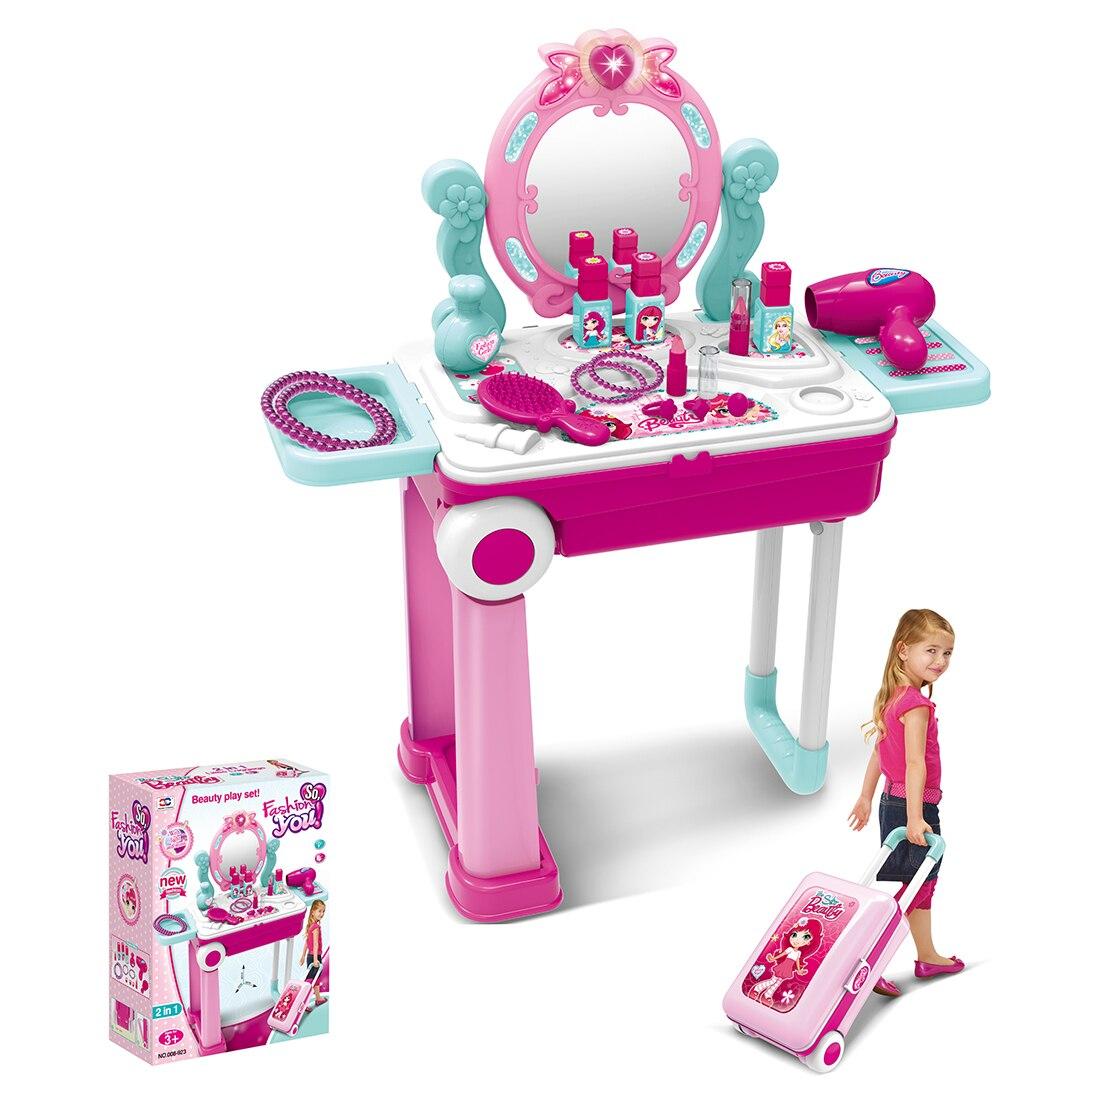 Дети инструмент для нанесения макияжа наборы Притворись Играть Workbench Playset развивающие игрушки с Чемодан случае девочки игрушки рождественс...